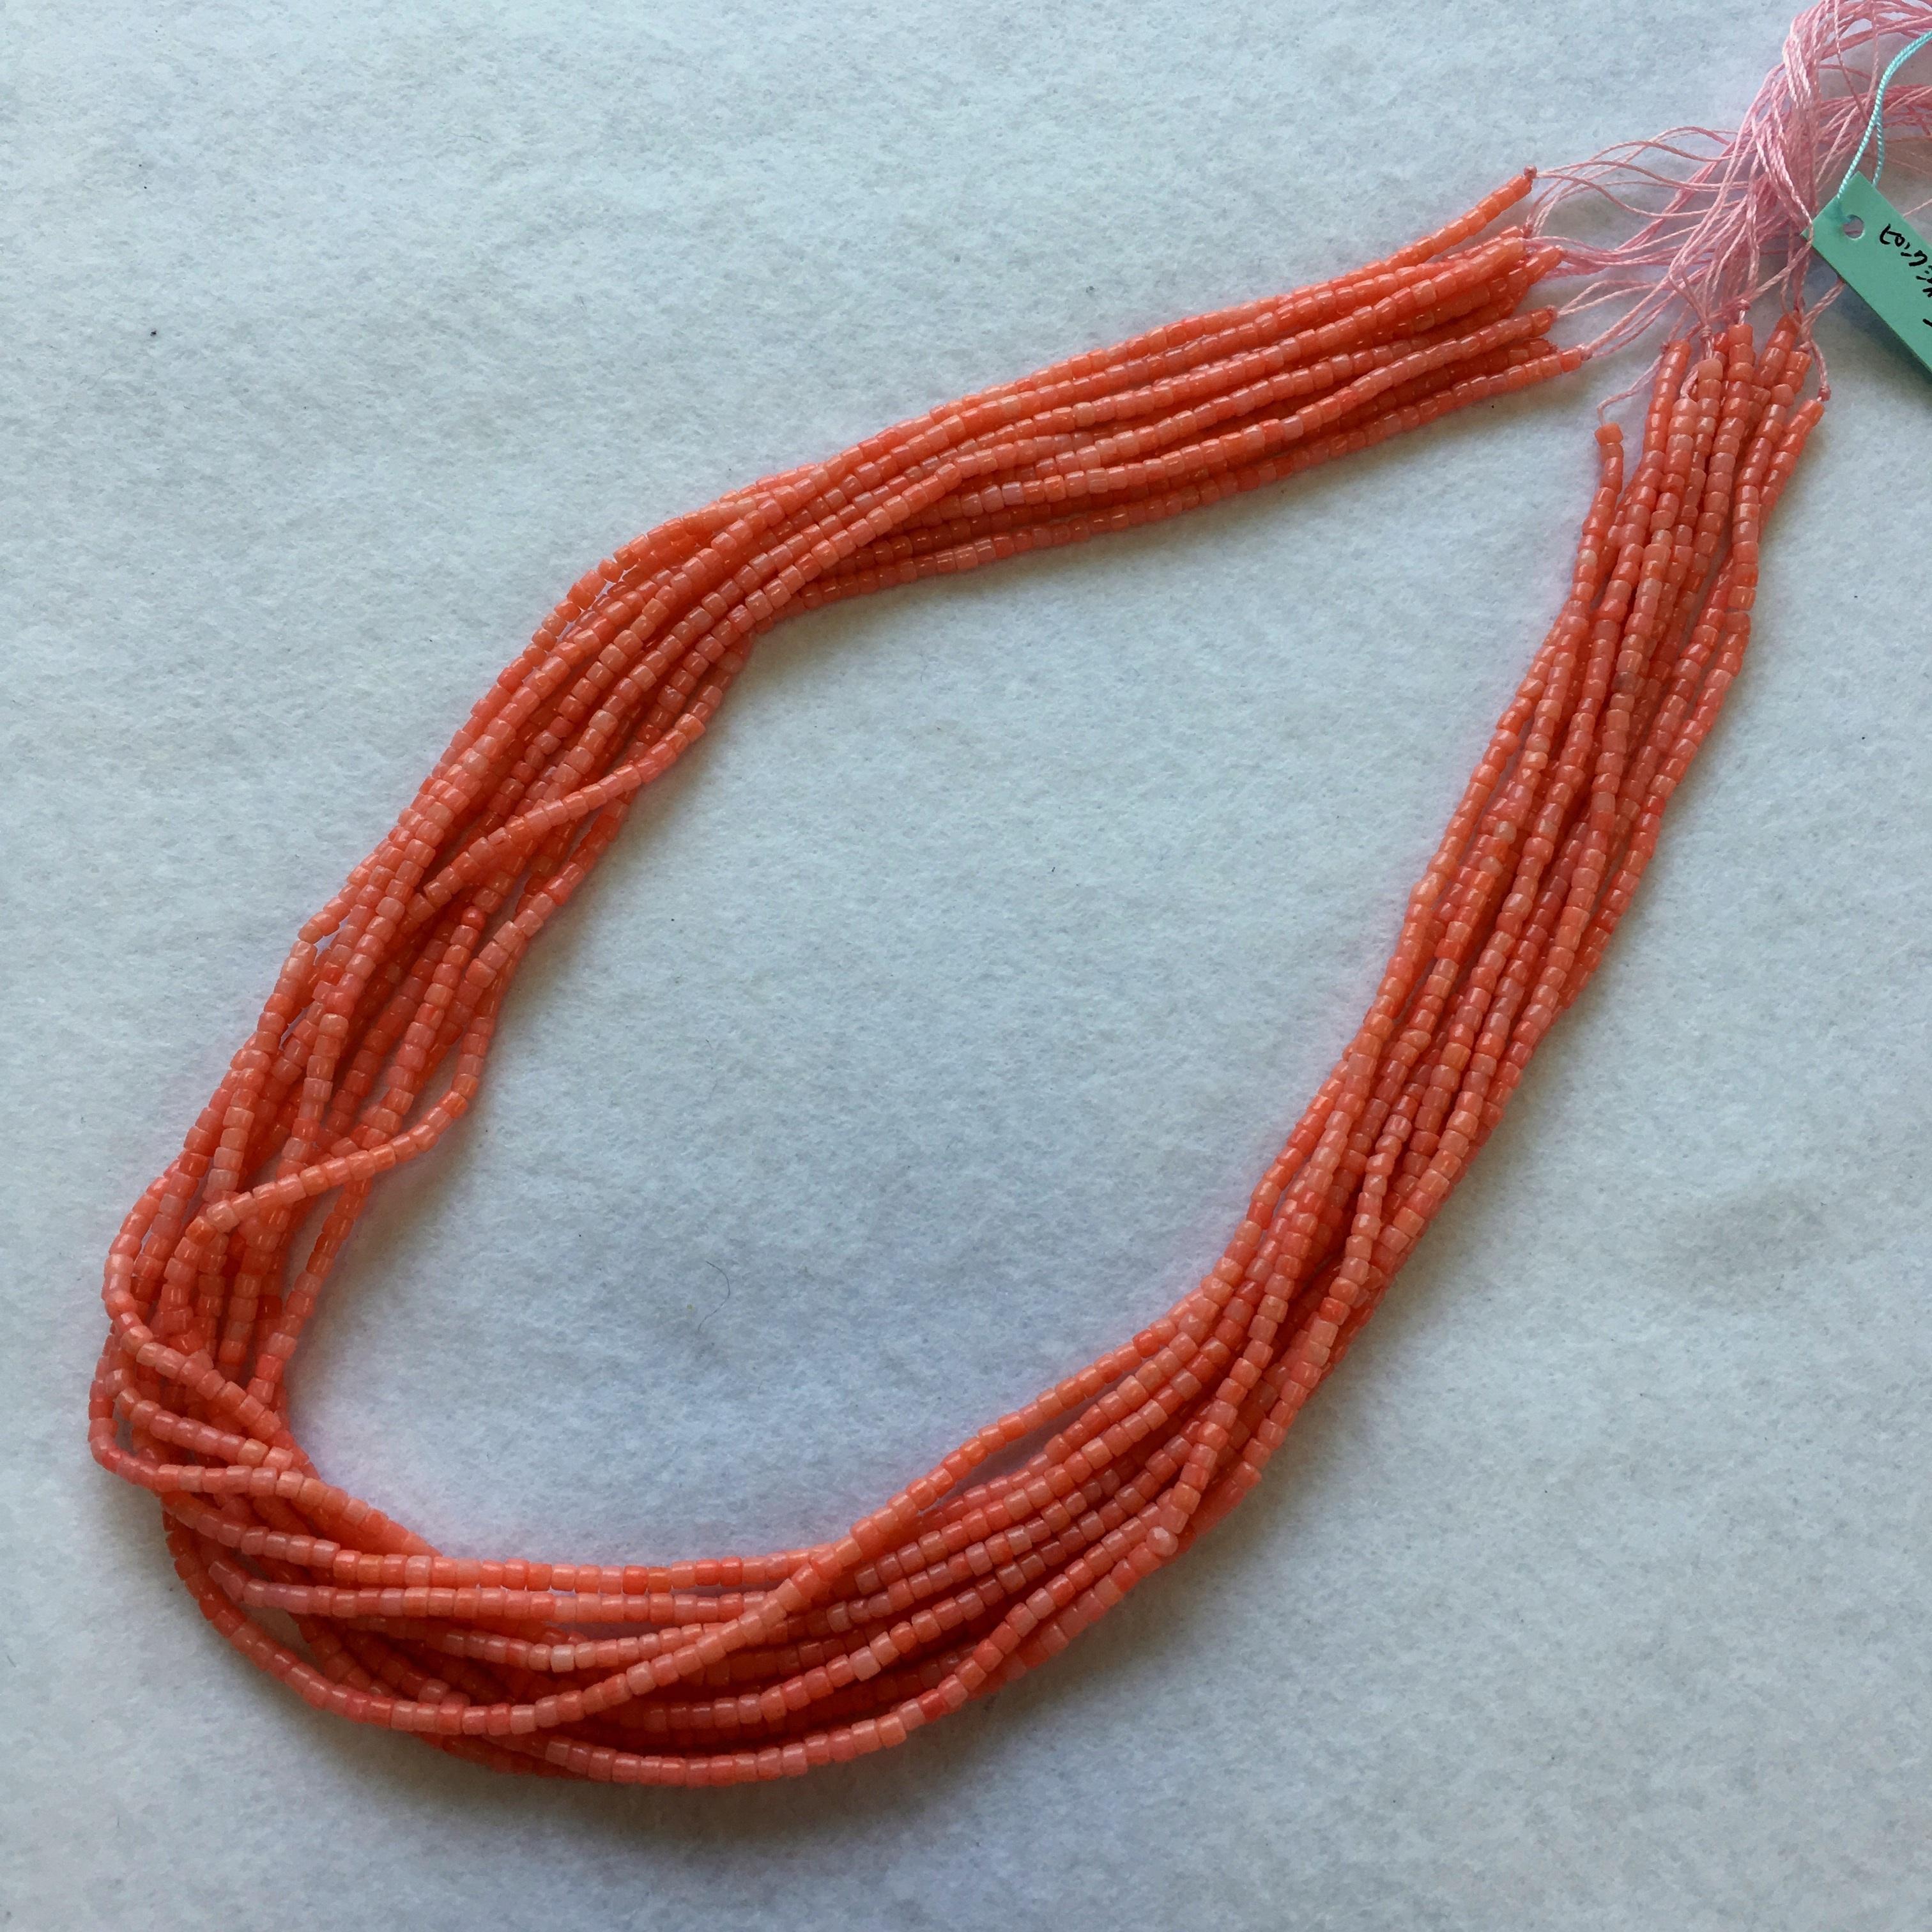 ピンク染サンゴ  シリンダー型約2x2㎜ 連材【193242】